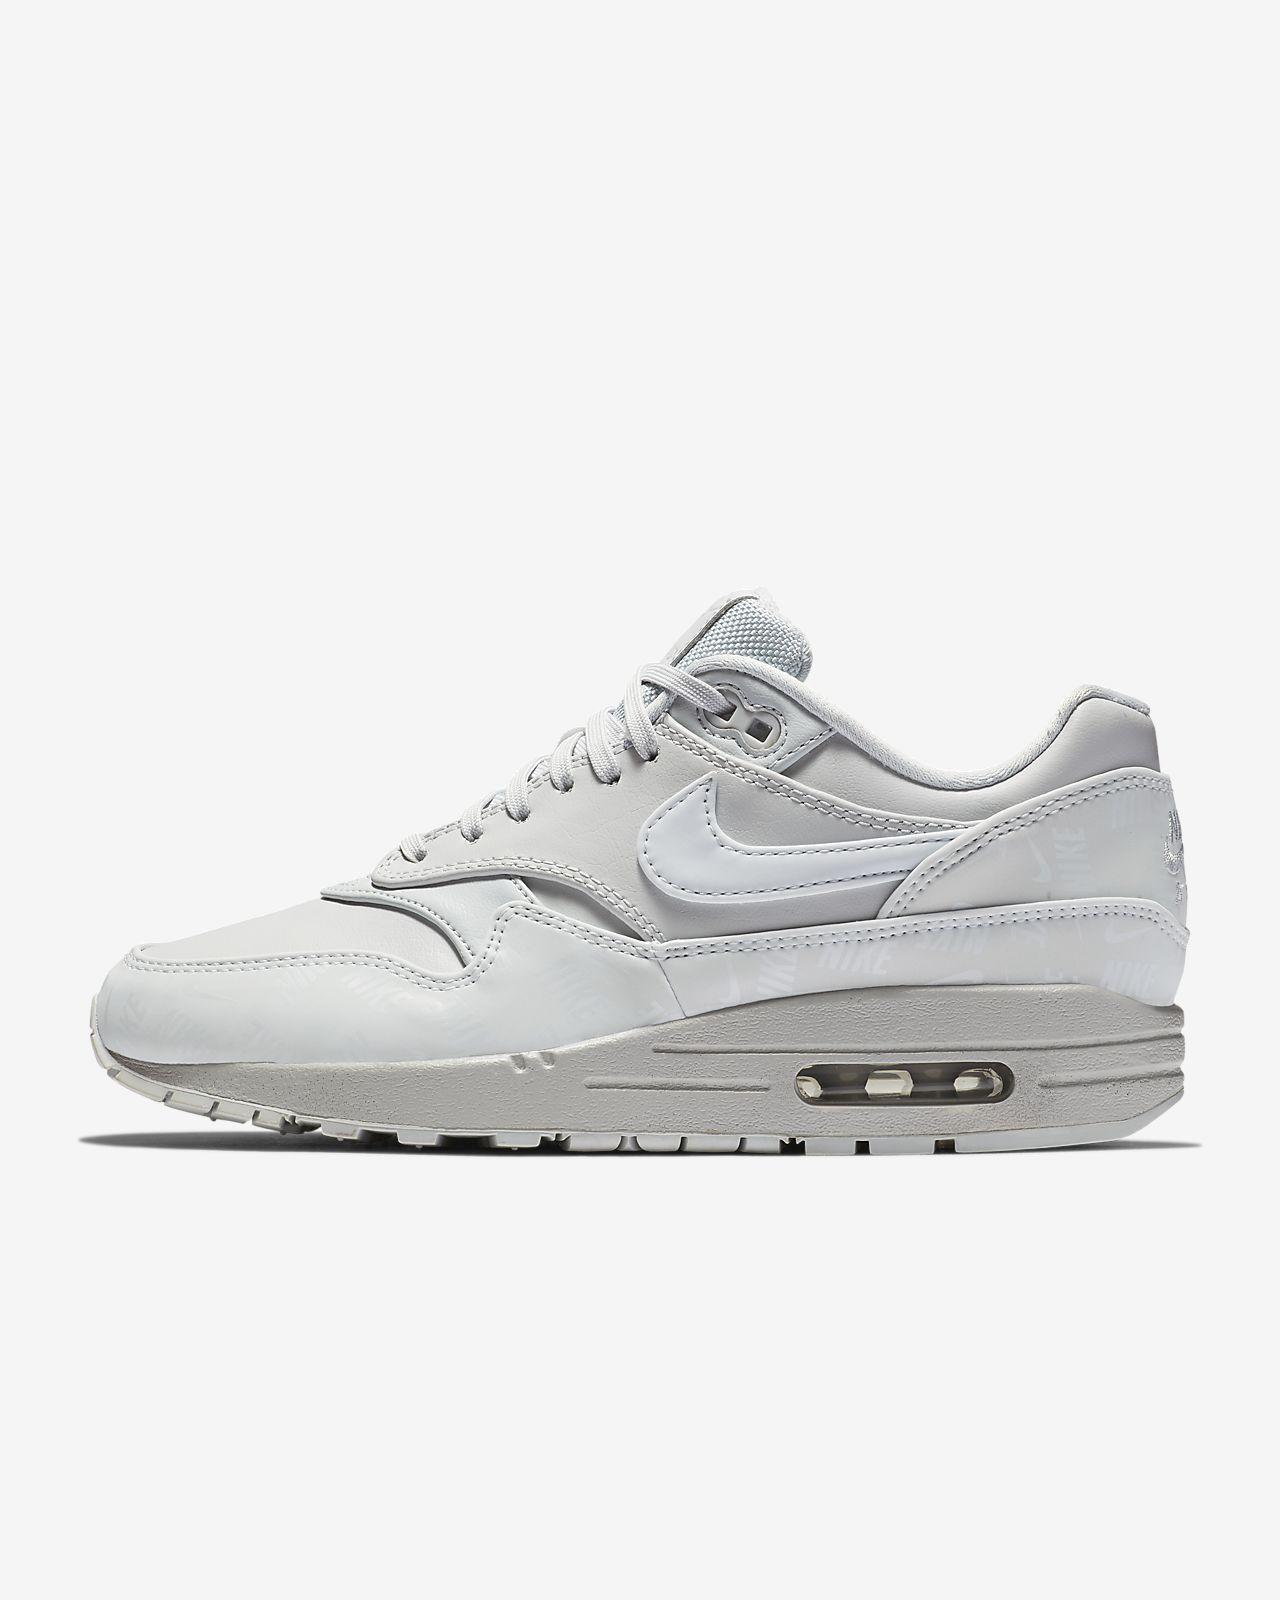 100% authentic 05e61 e7741 ... Calzado para mujer Nike Air Max 1 LX